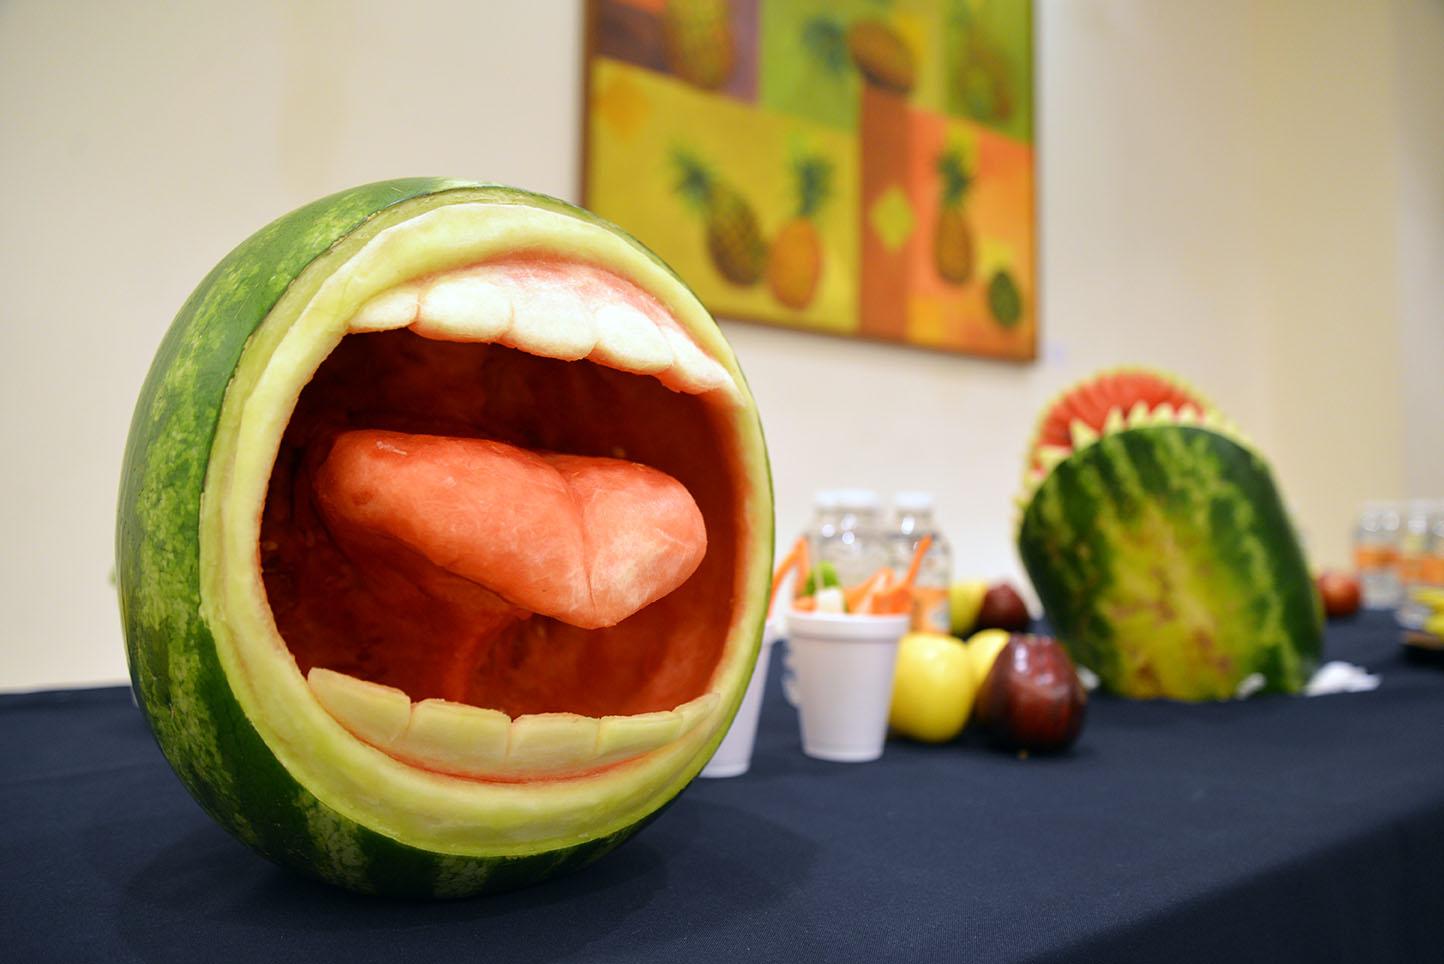 2013 10 14 202 Bodega del Arte carved watermelon